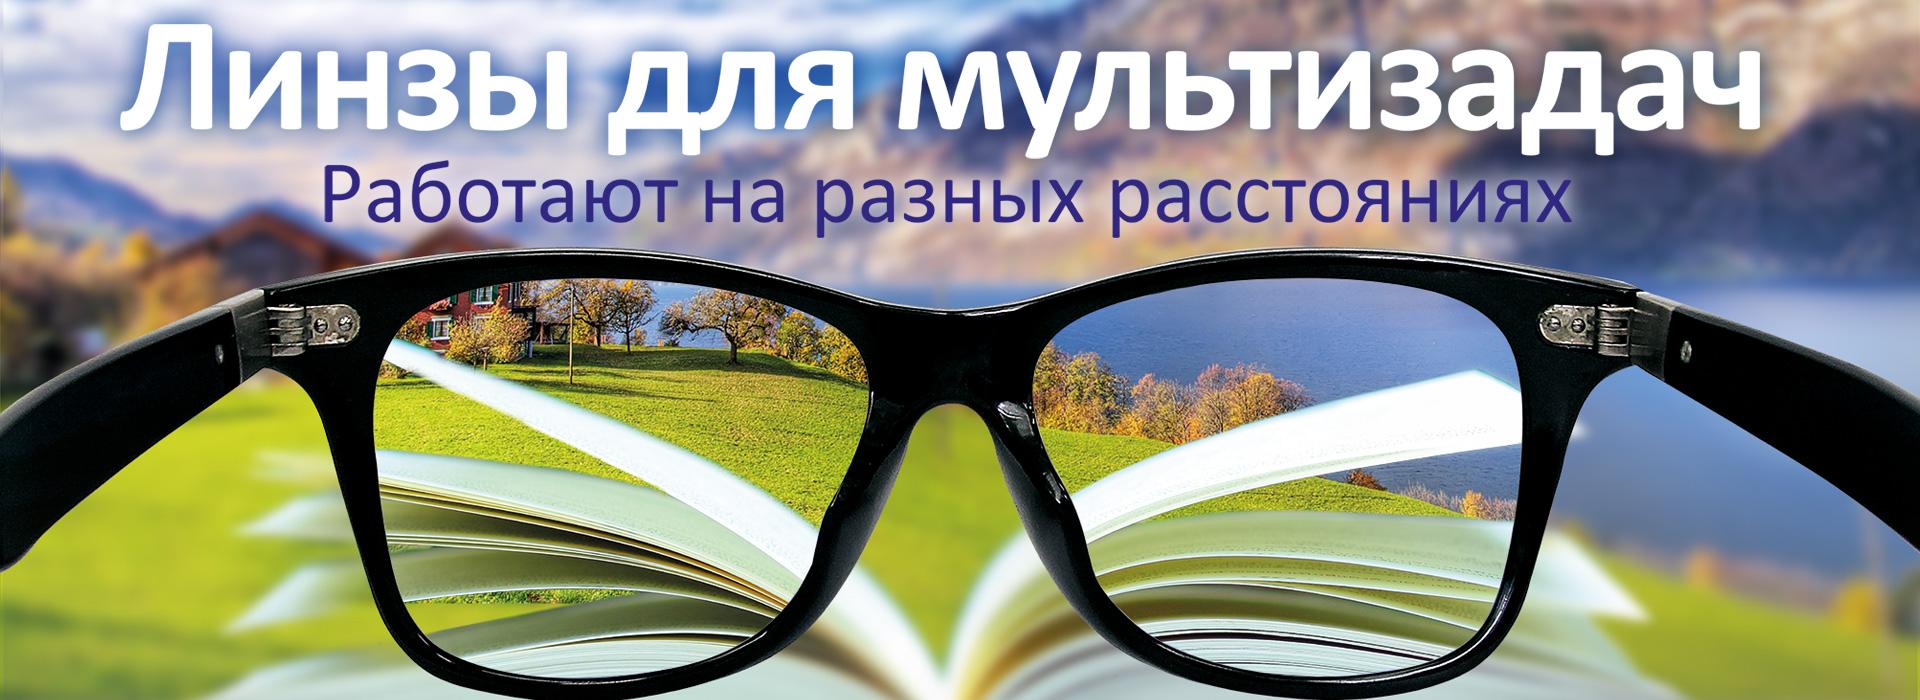 Если в вашей сумочке всегда отведено место сразу под несколько пар очков, стоит знать о достижениях современной оптики, а именно о мультифокальных очках. В салонах оптики «Линзбург» вам всегда подскажут, как подобрать мультифокальные очки для глаз с разными проблемами зрения и освободить место в сумке!